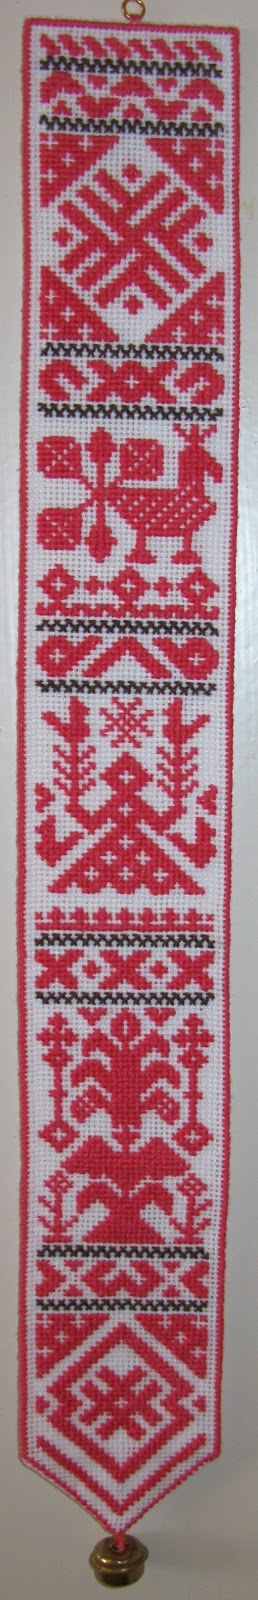 Лента оберег для вышивки